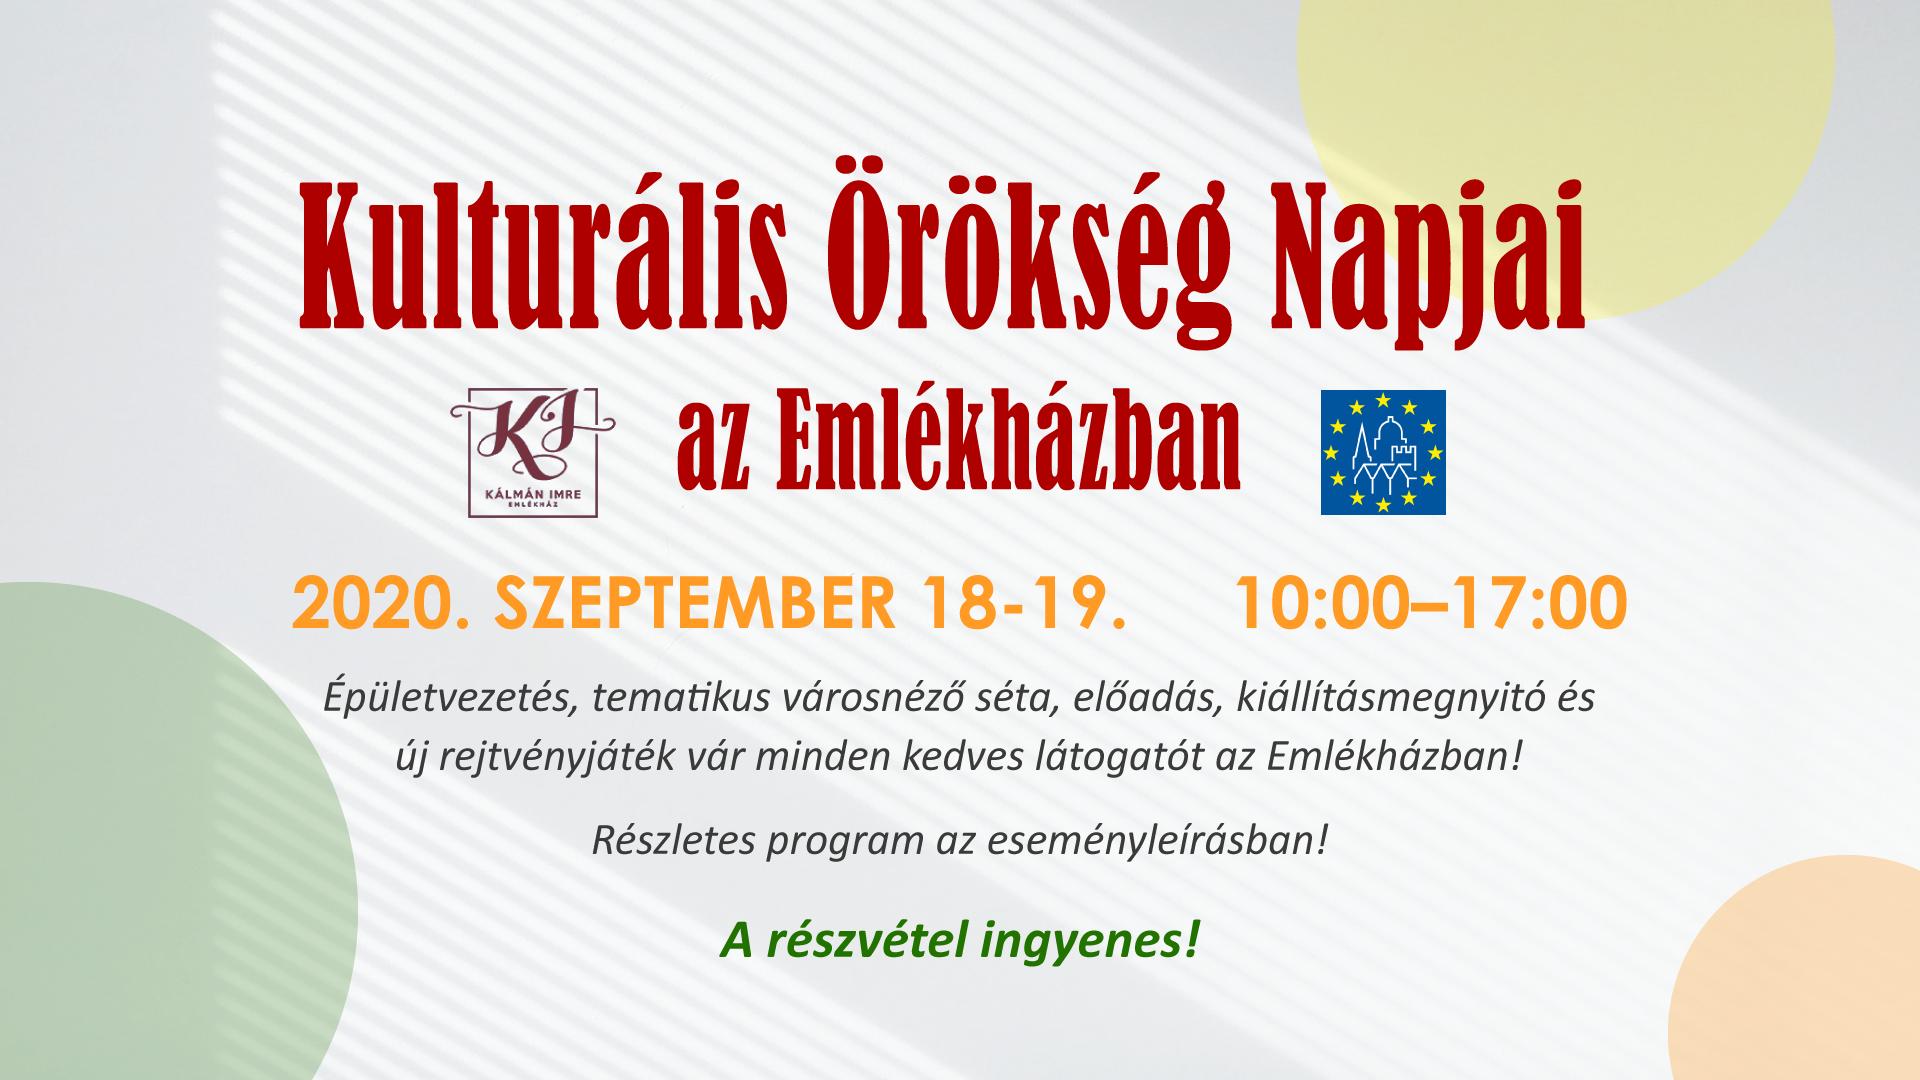 2020. szeptember 18-19. – Kulturális Örökség Napjai az Emlékházban